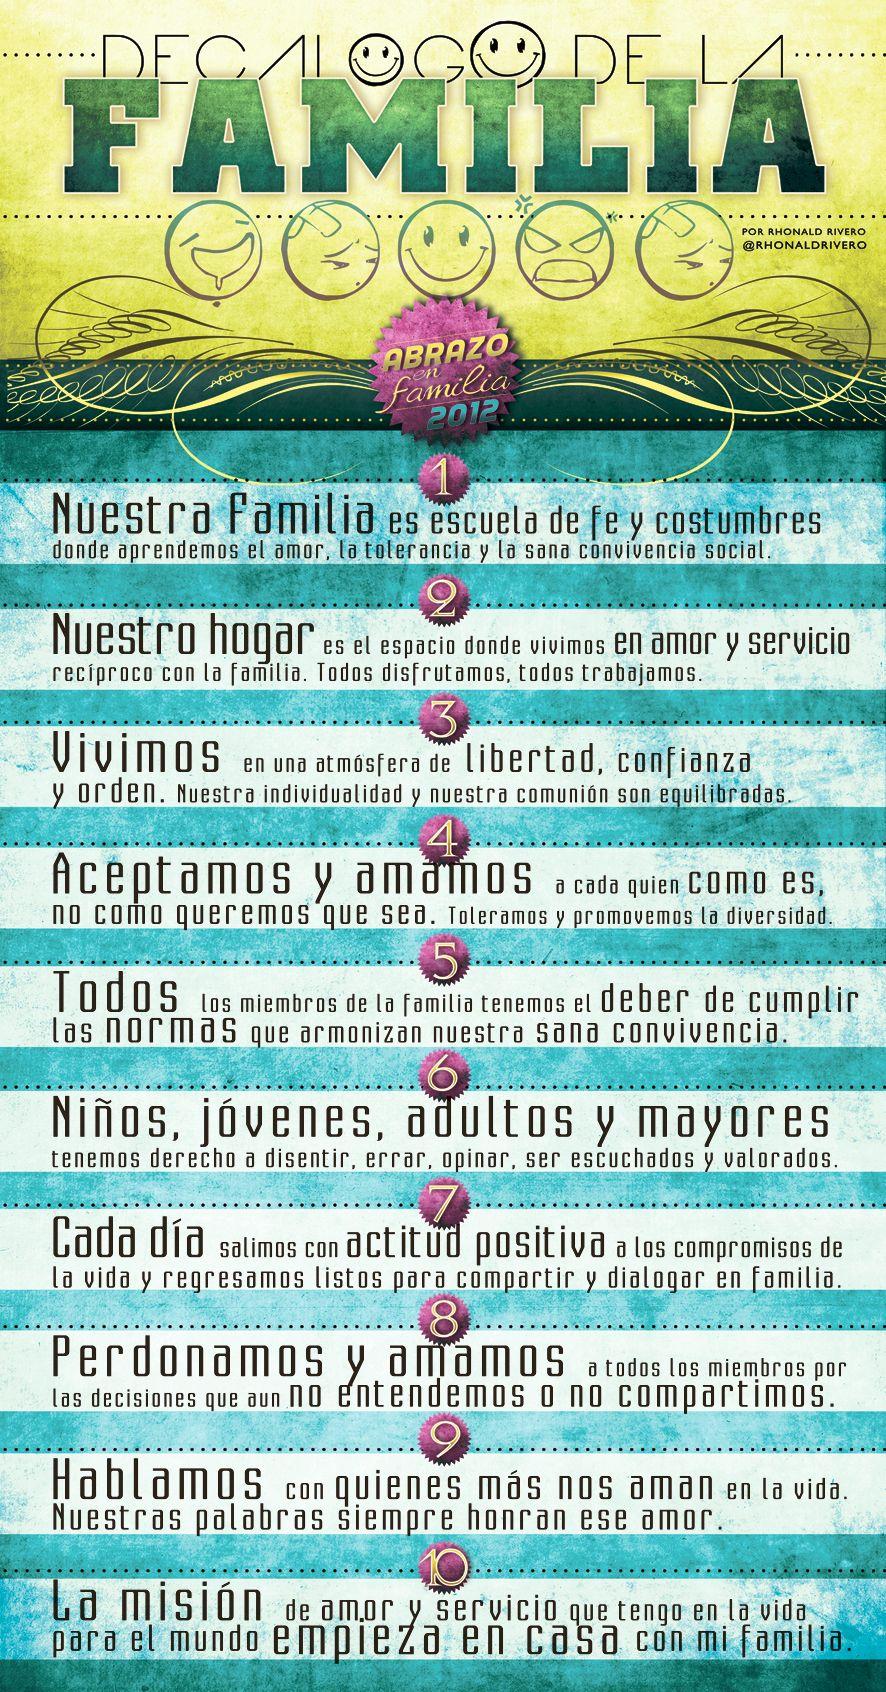 Pin De Rhonald Rivero En Diseño Gráfico Frase Familia Unida Mensajes De Familia Pautas De Crianza